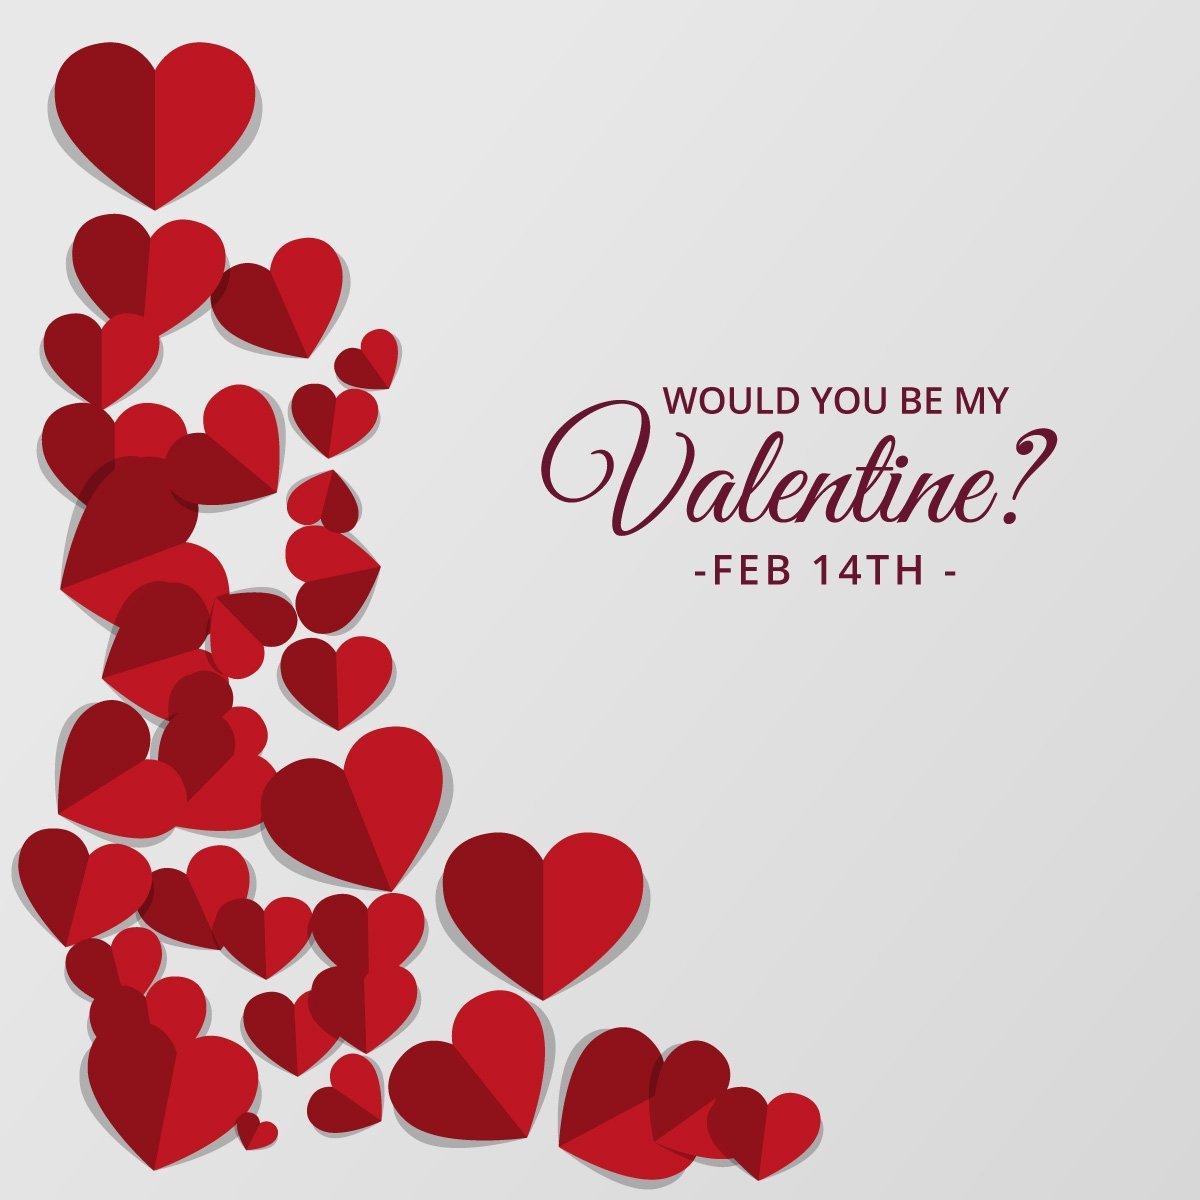 Только для тебя: персонализированные подарки ко Дню Влюбленных - фото 2